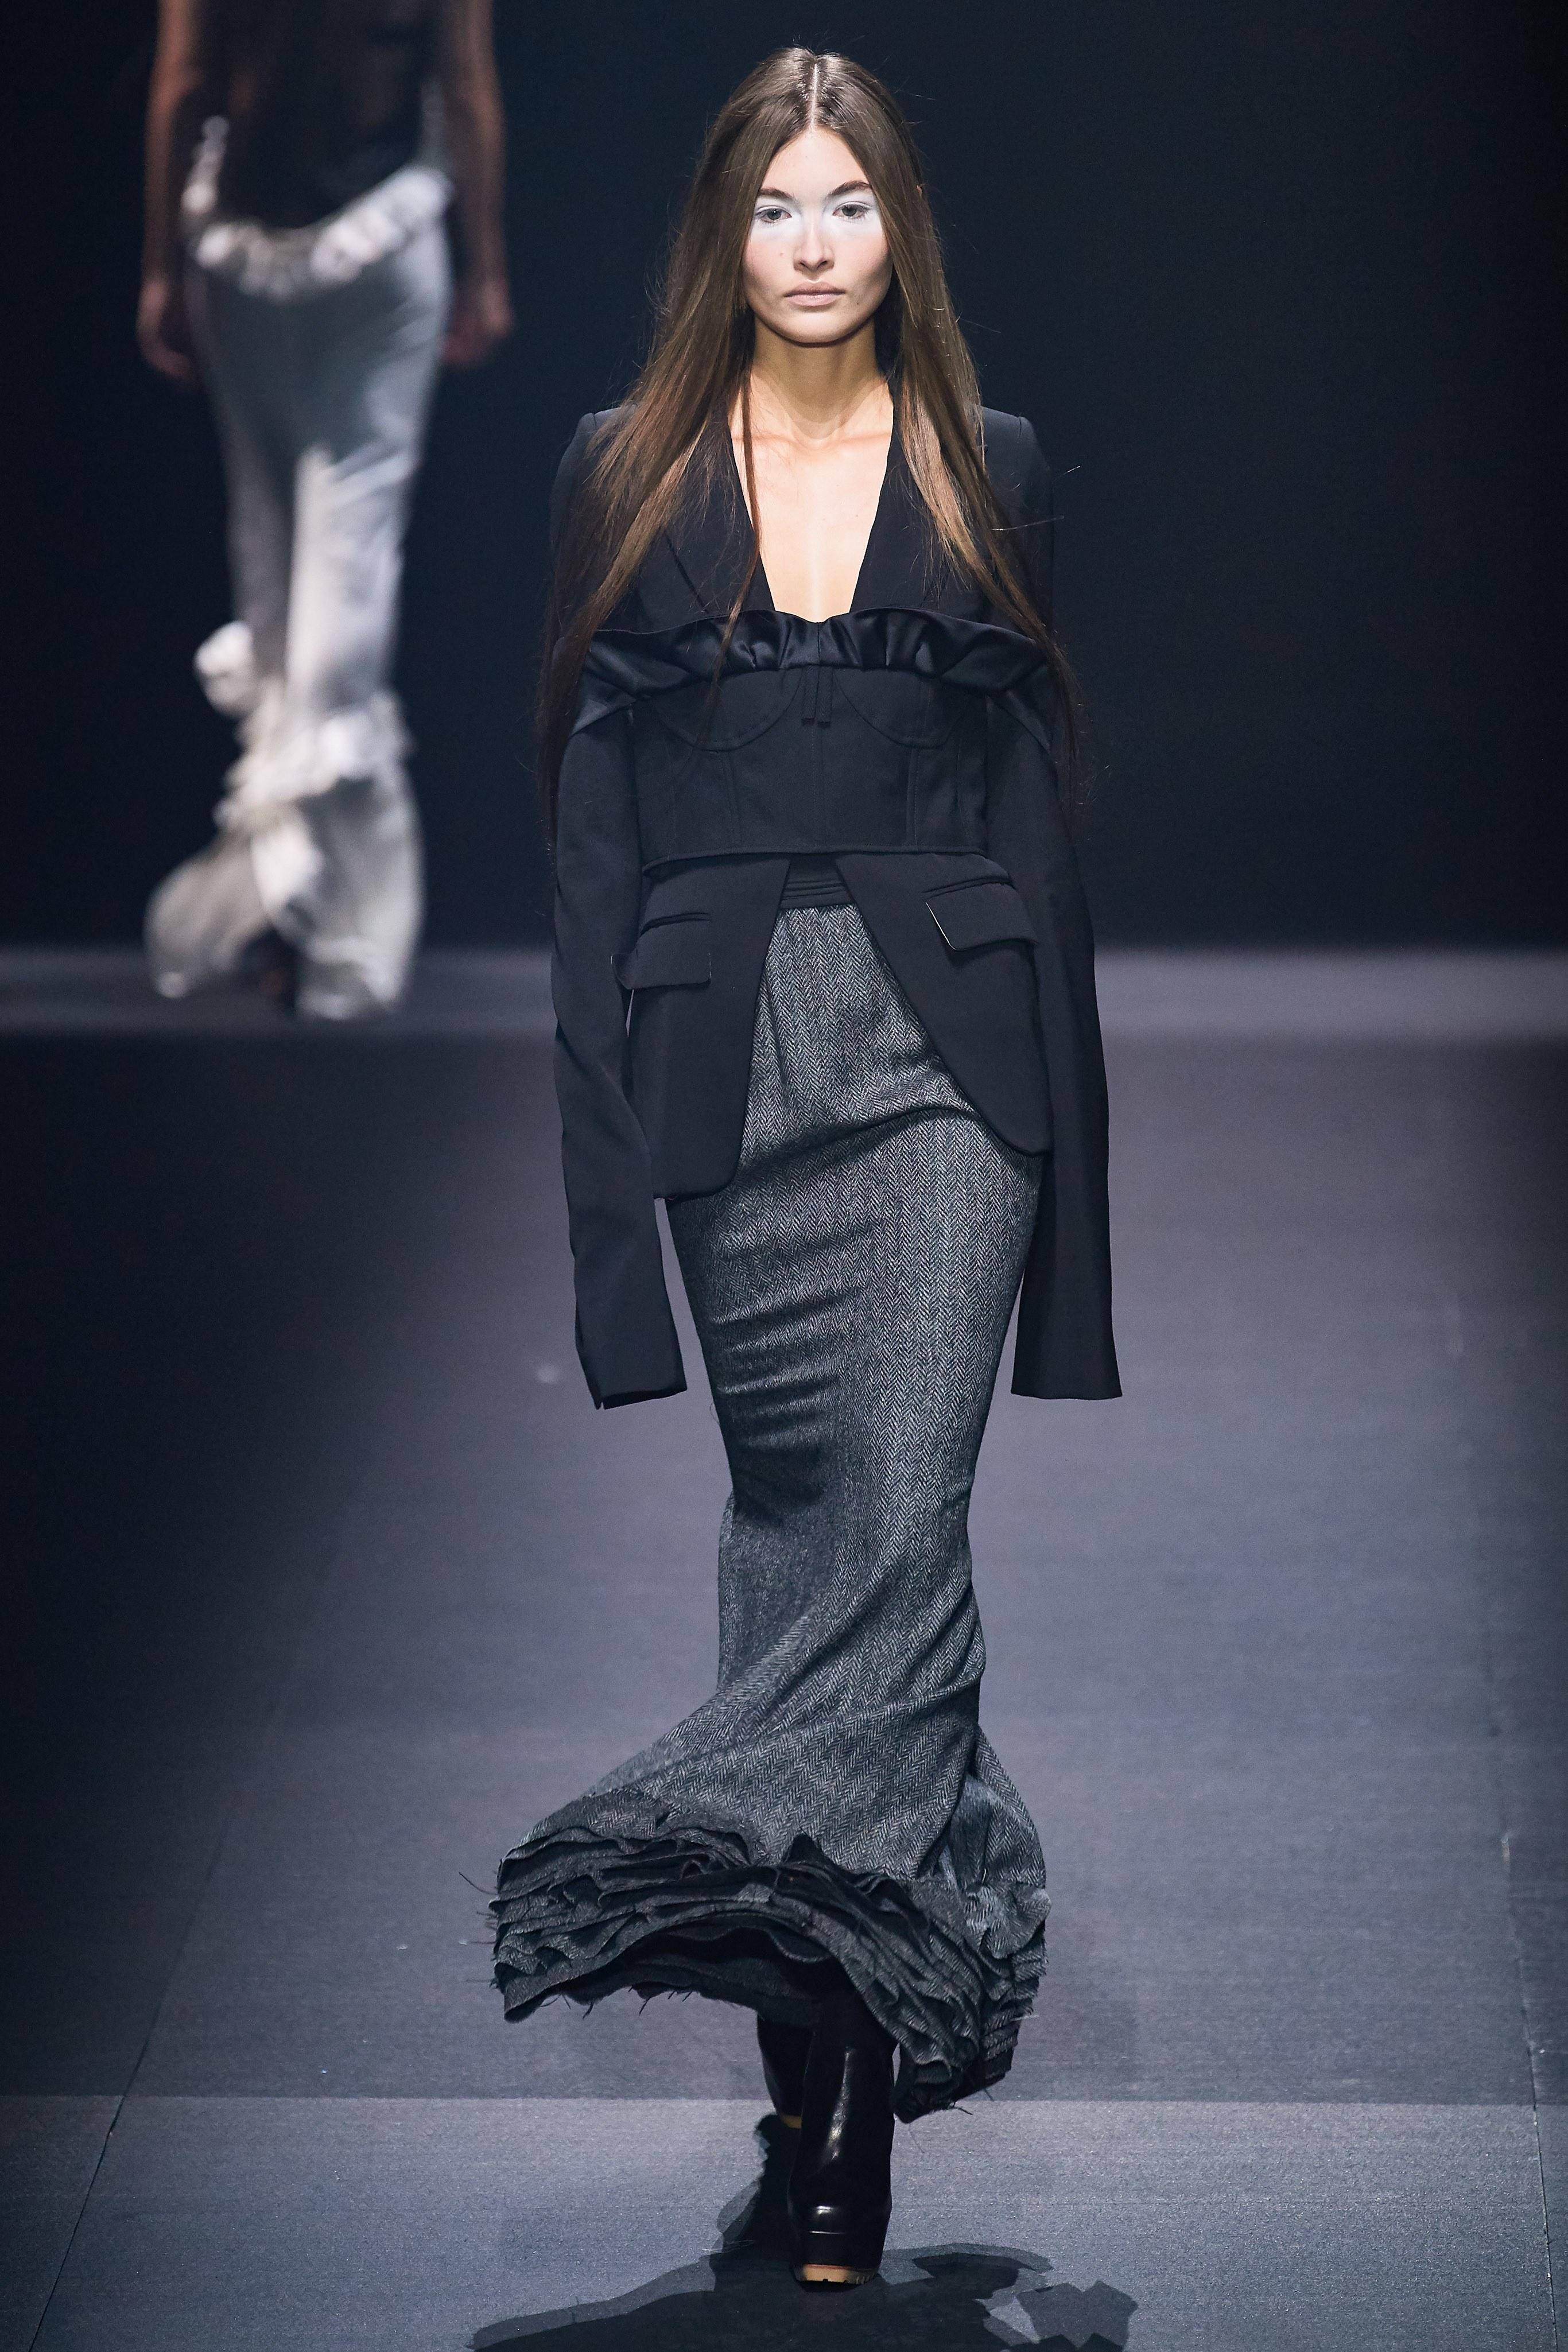 chân váy và áo blazer đen trong bộ sưu tập vera wang xuân hè 2020